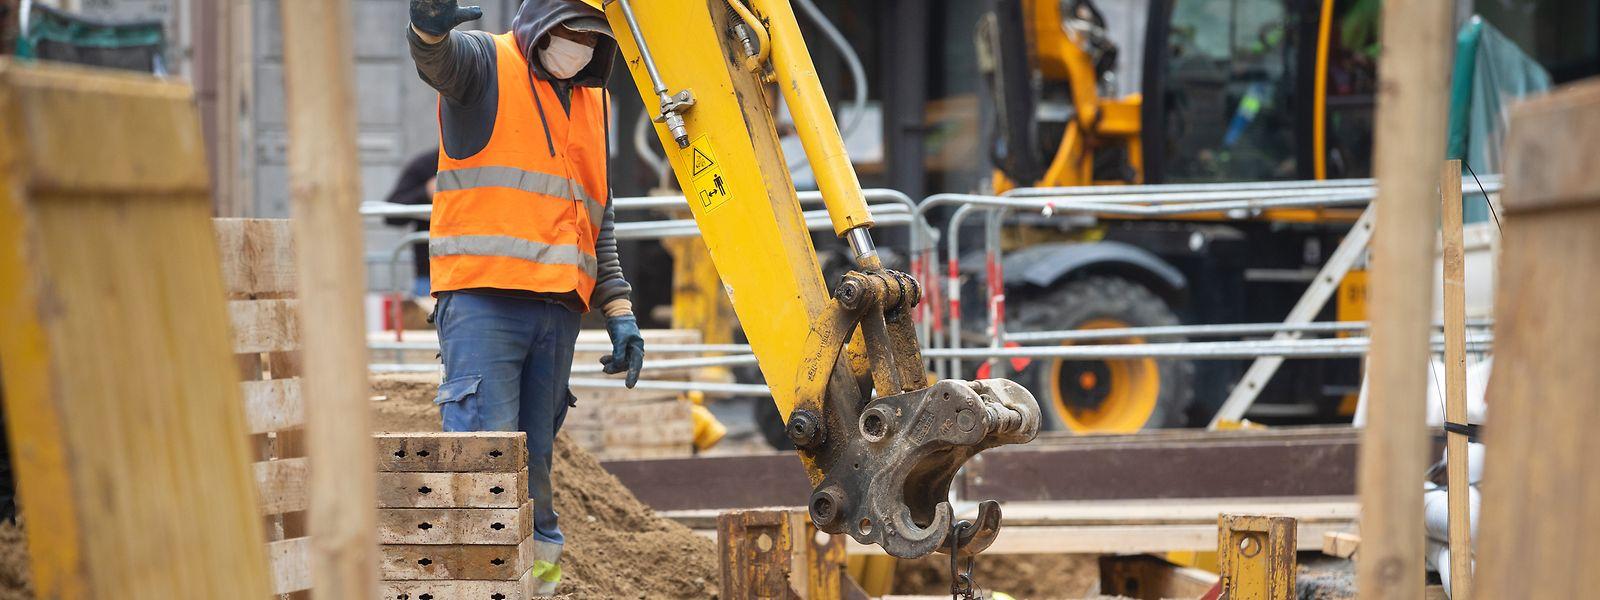 Seit dem 23. August wird auf Luxemburgs Baustellen wieder gearbeitet.